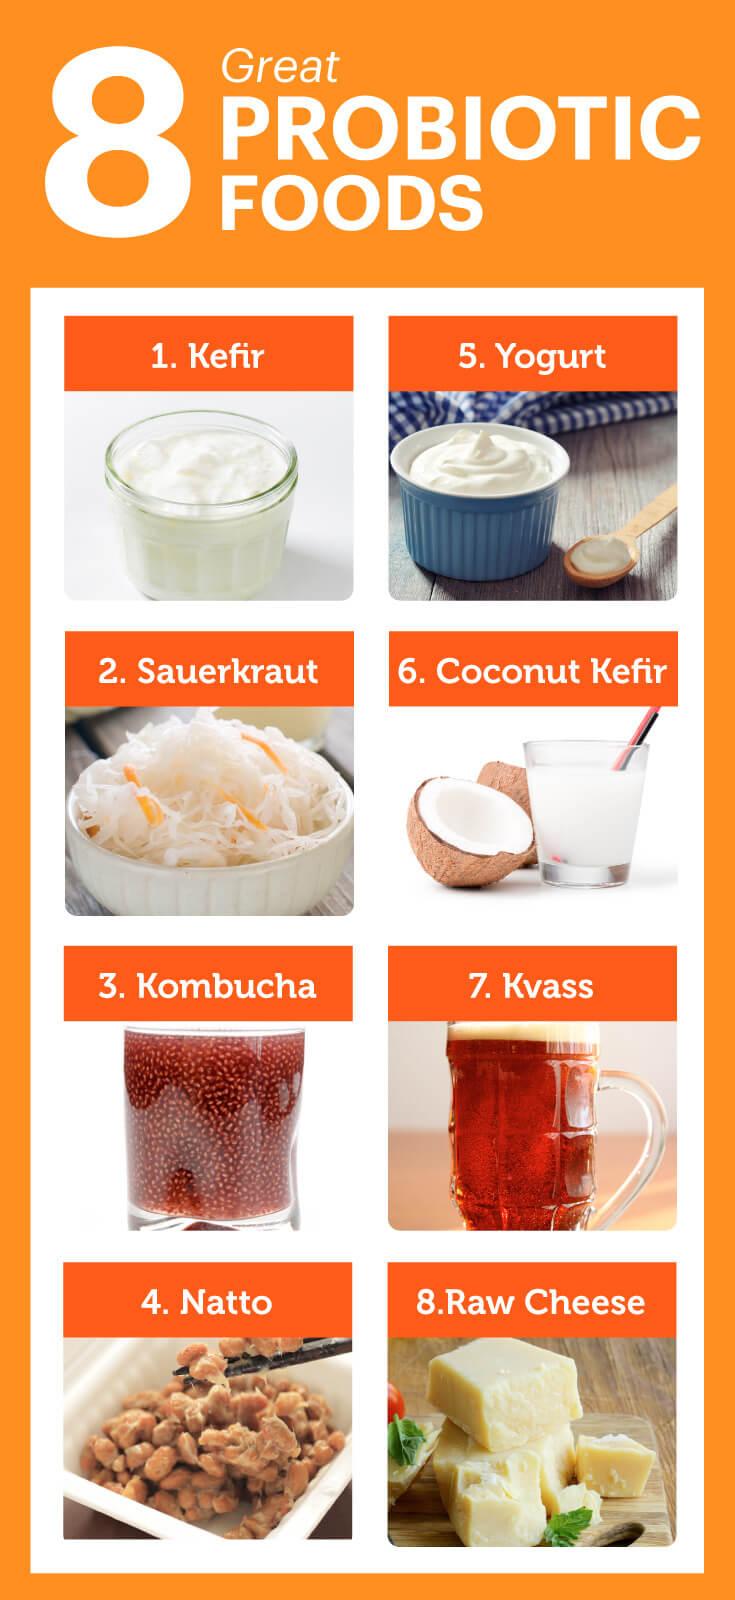 probioticfoods